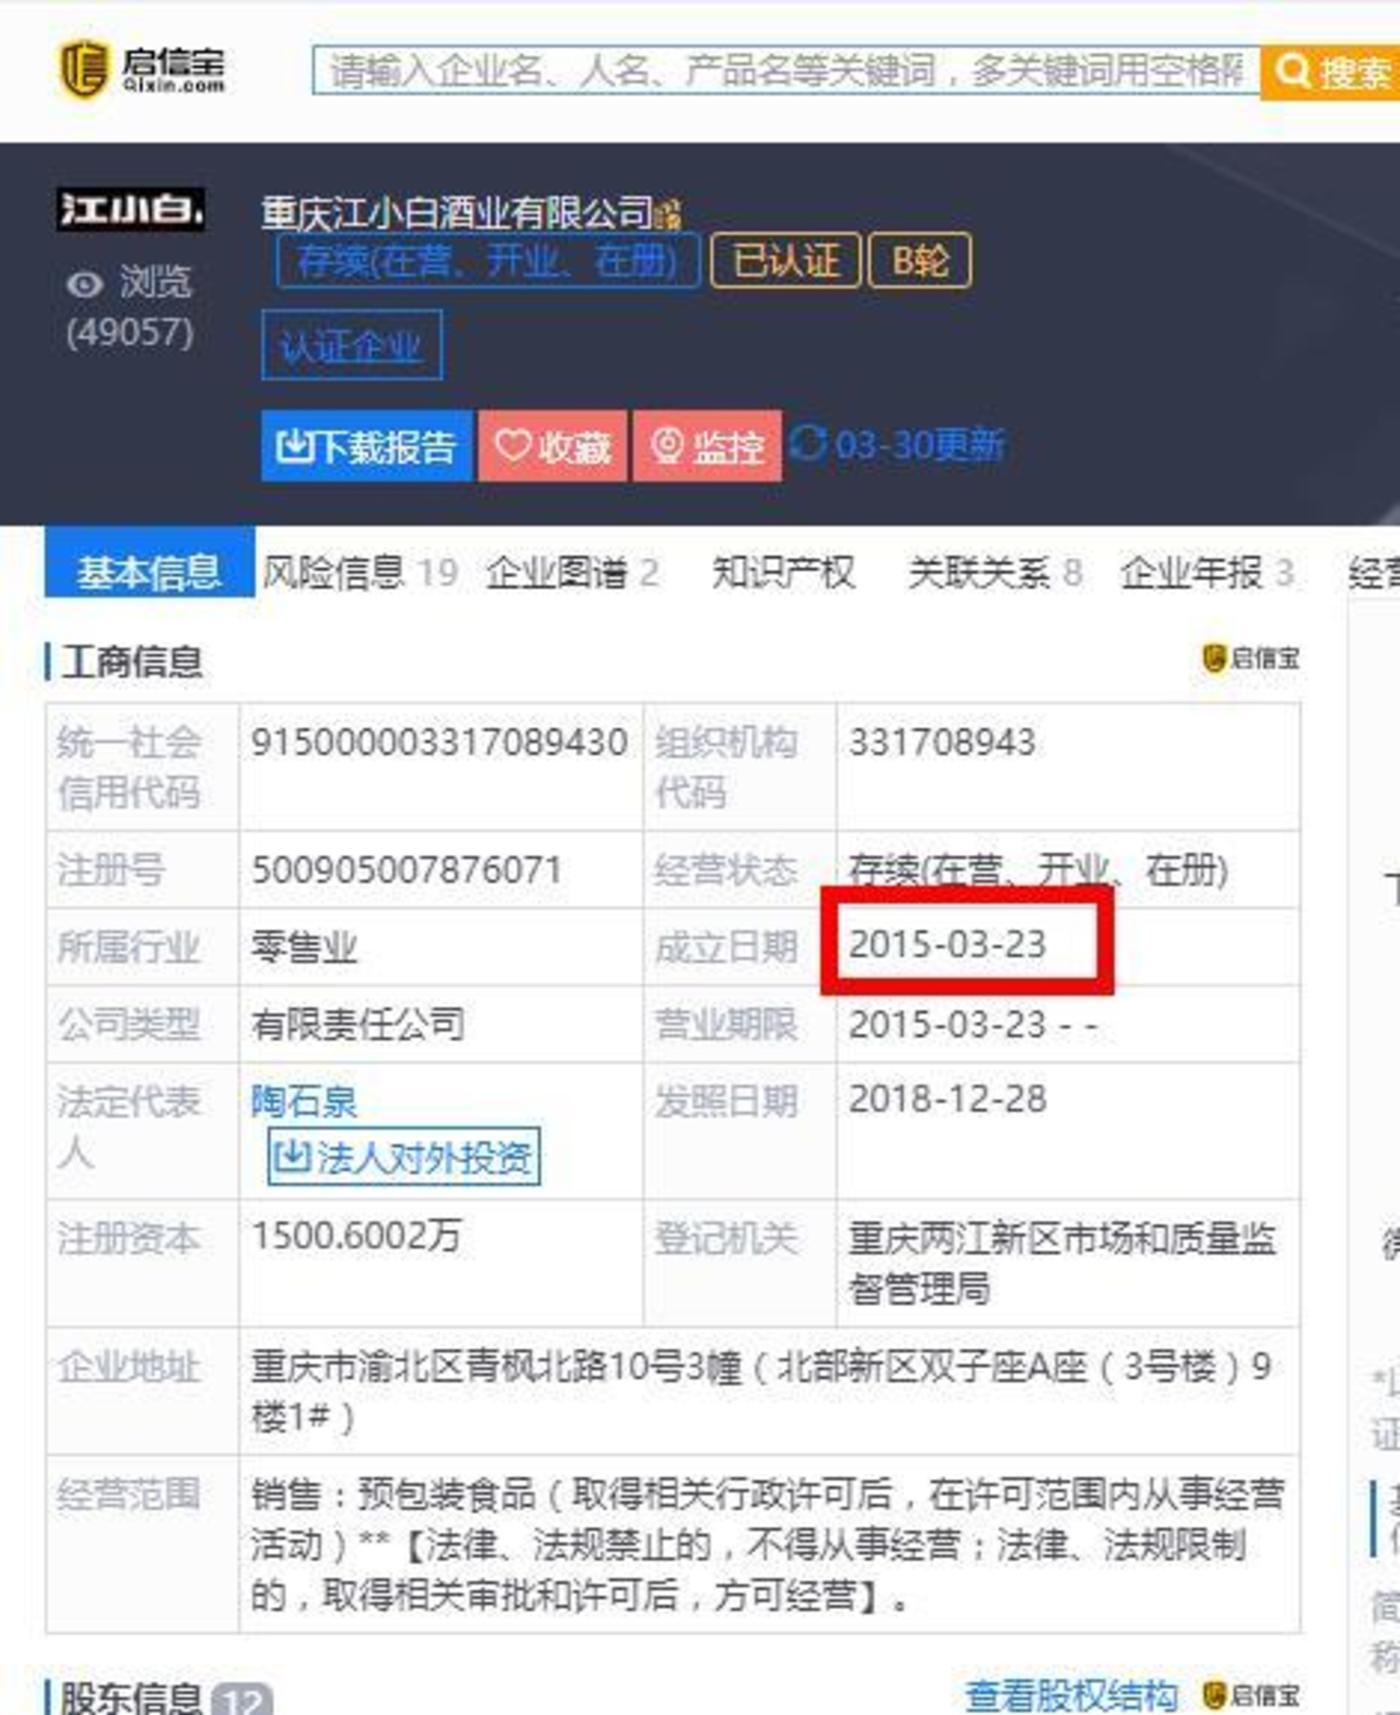 商标都没了,江小白还能延续网红神话吗?